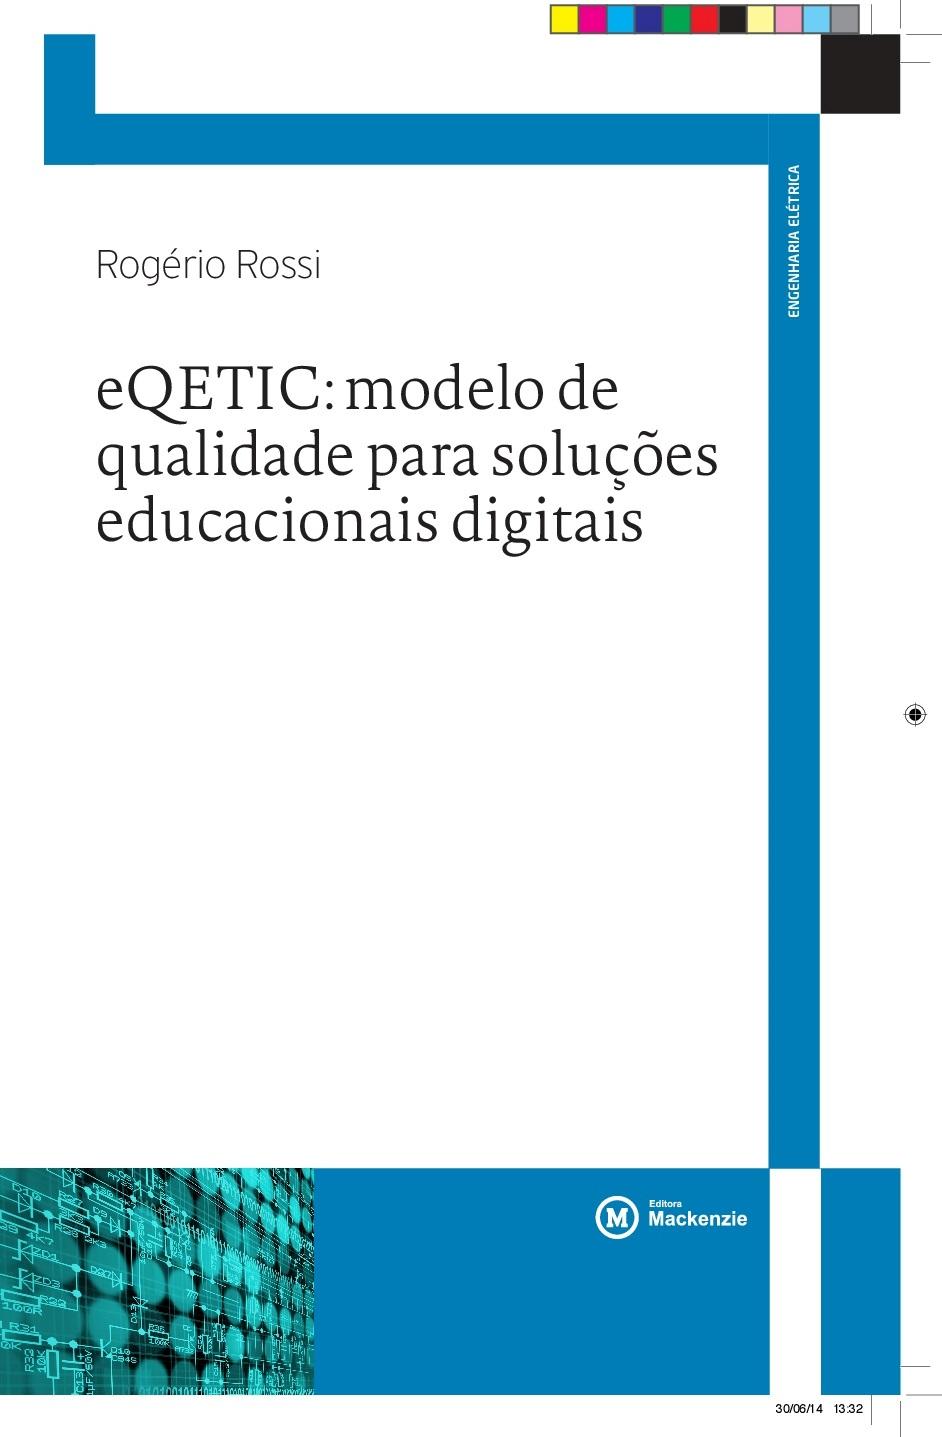 eQETIC: modelo de qualidade para soluções educacionais digitais, livro de Rogério Rossi